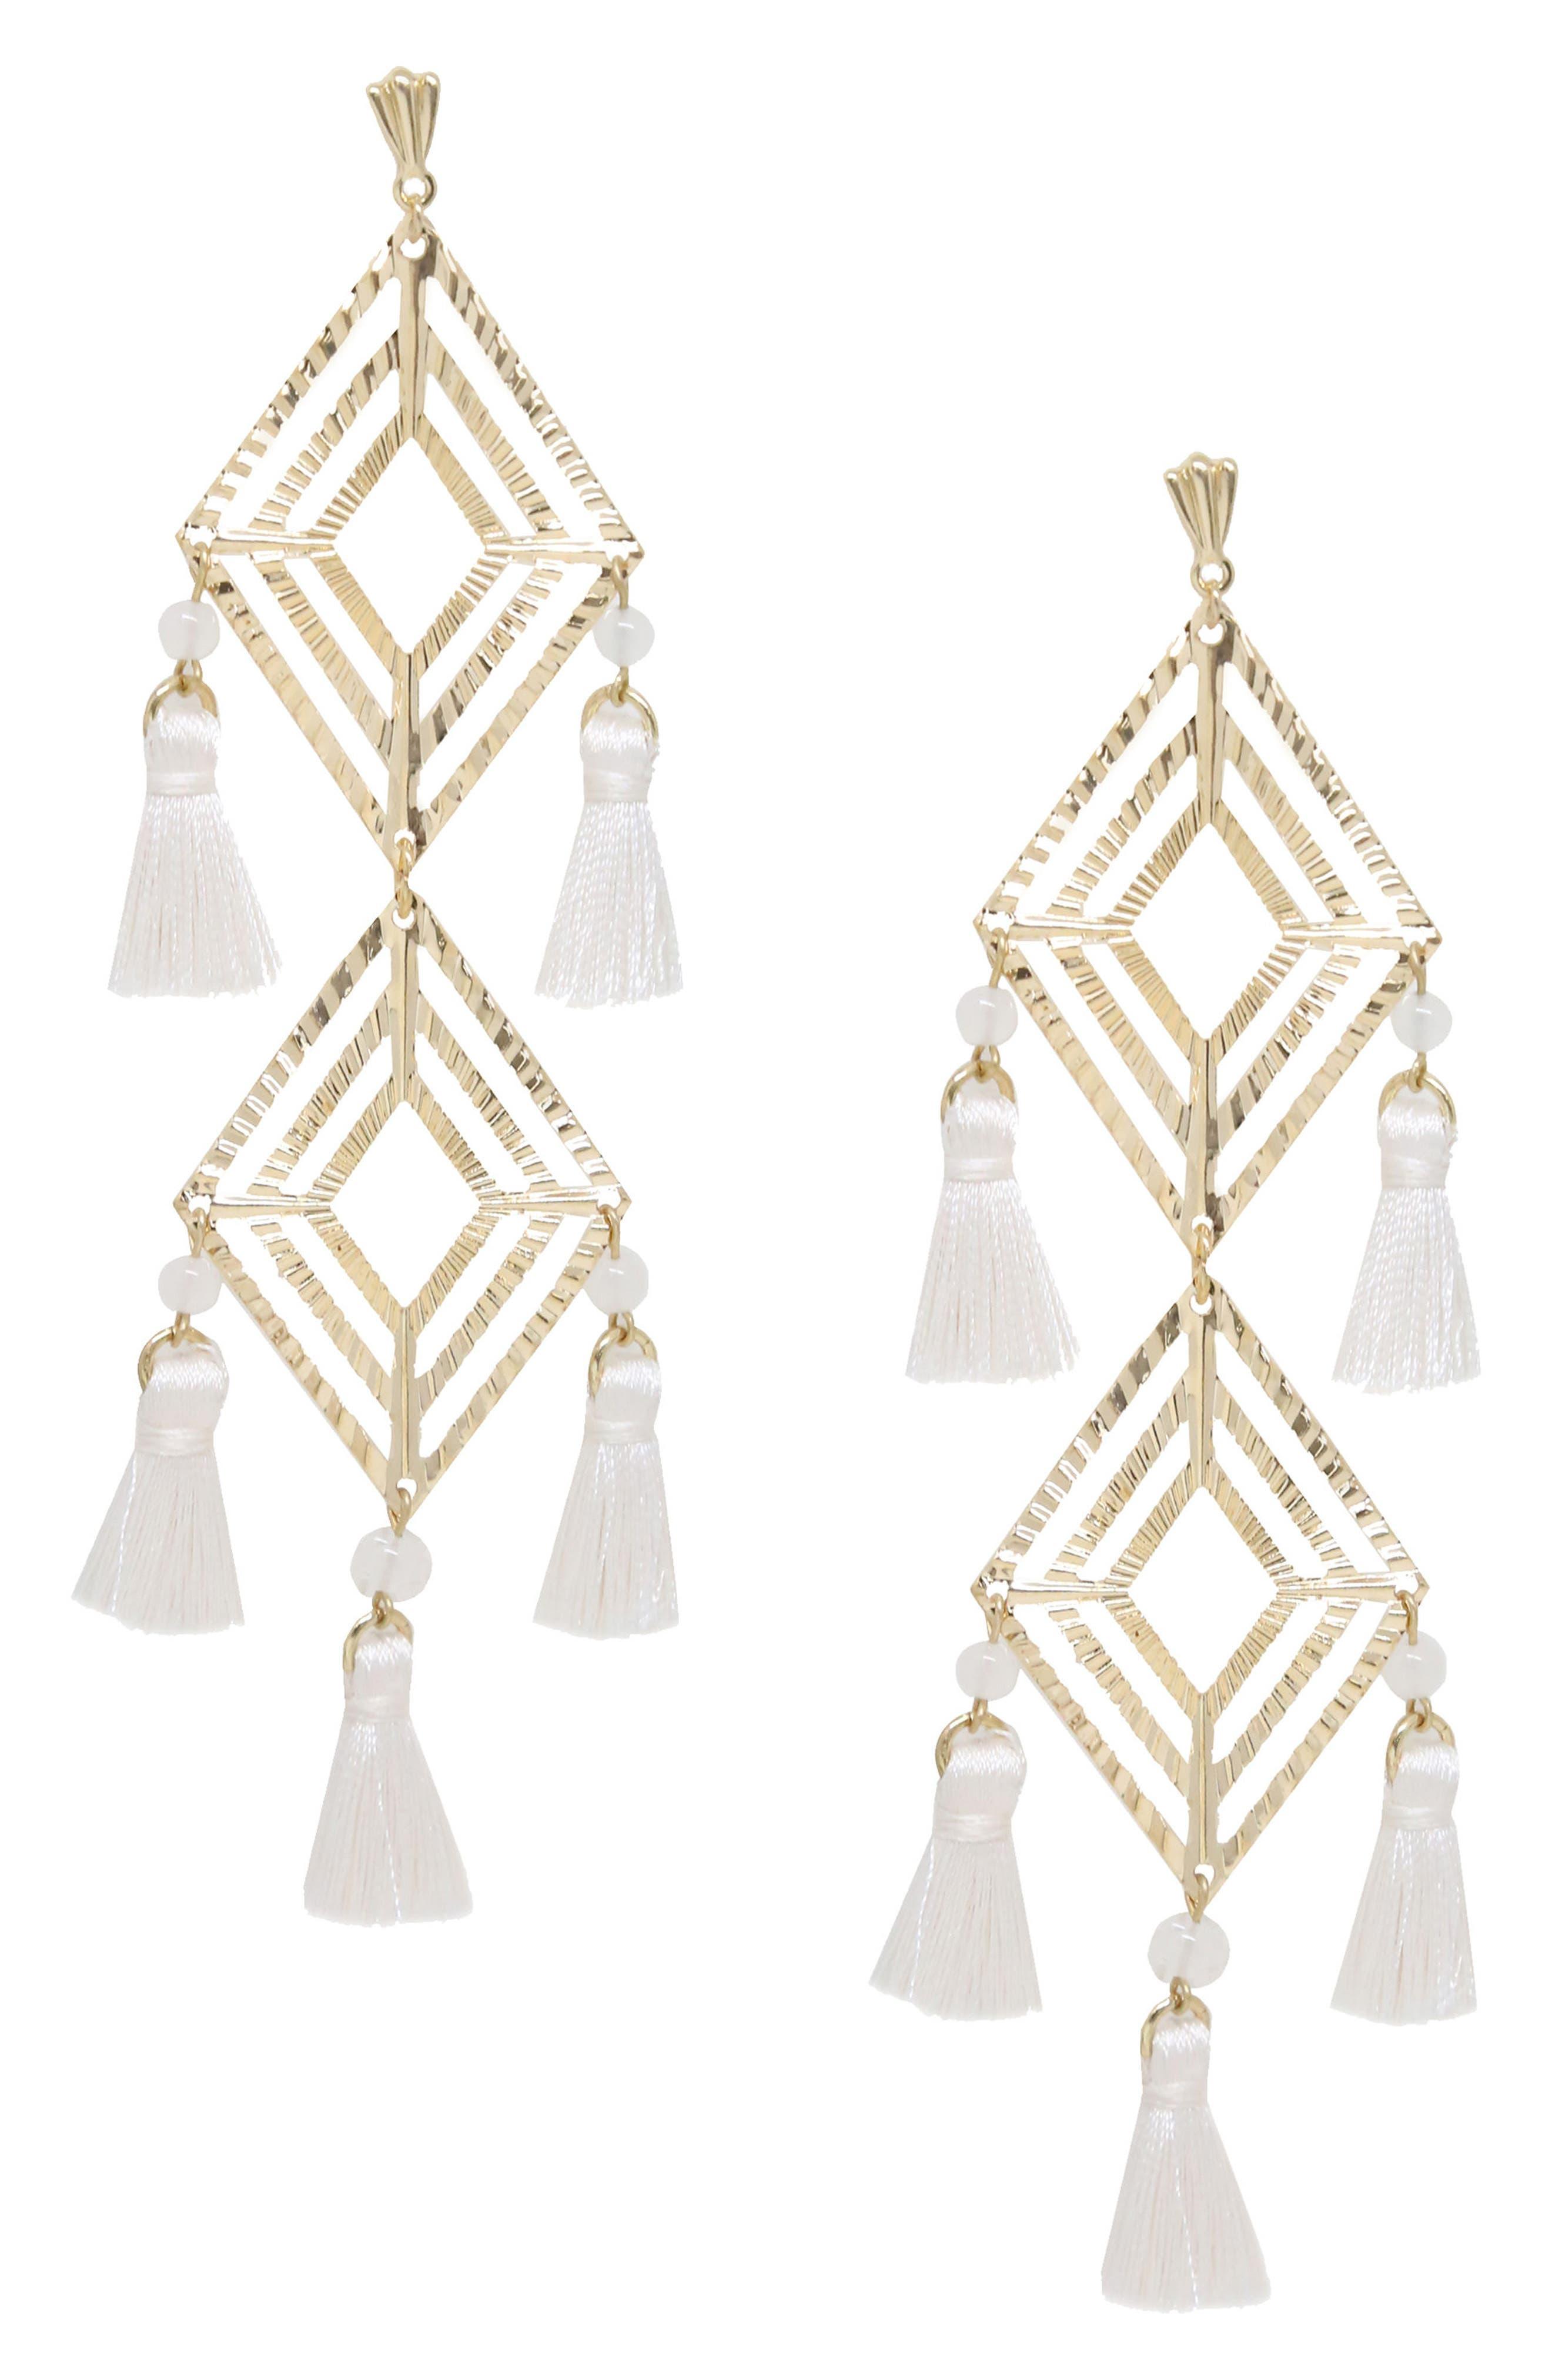 Jade Tassel Earrings,                             Main thumbnail 1, color,                             White